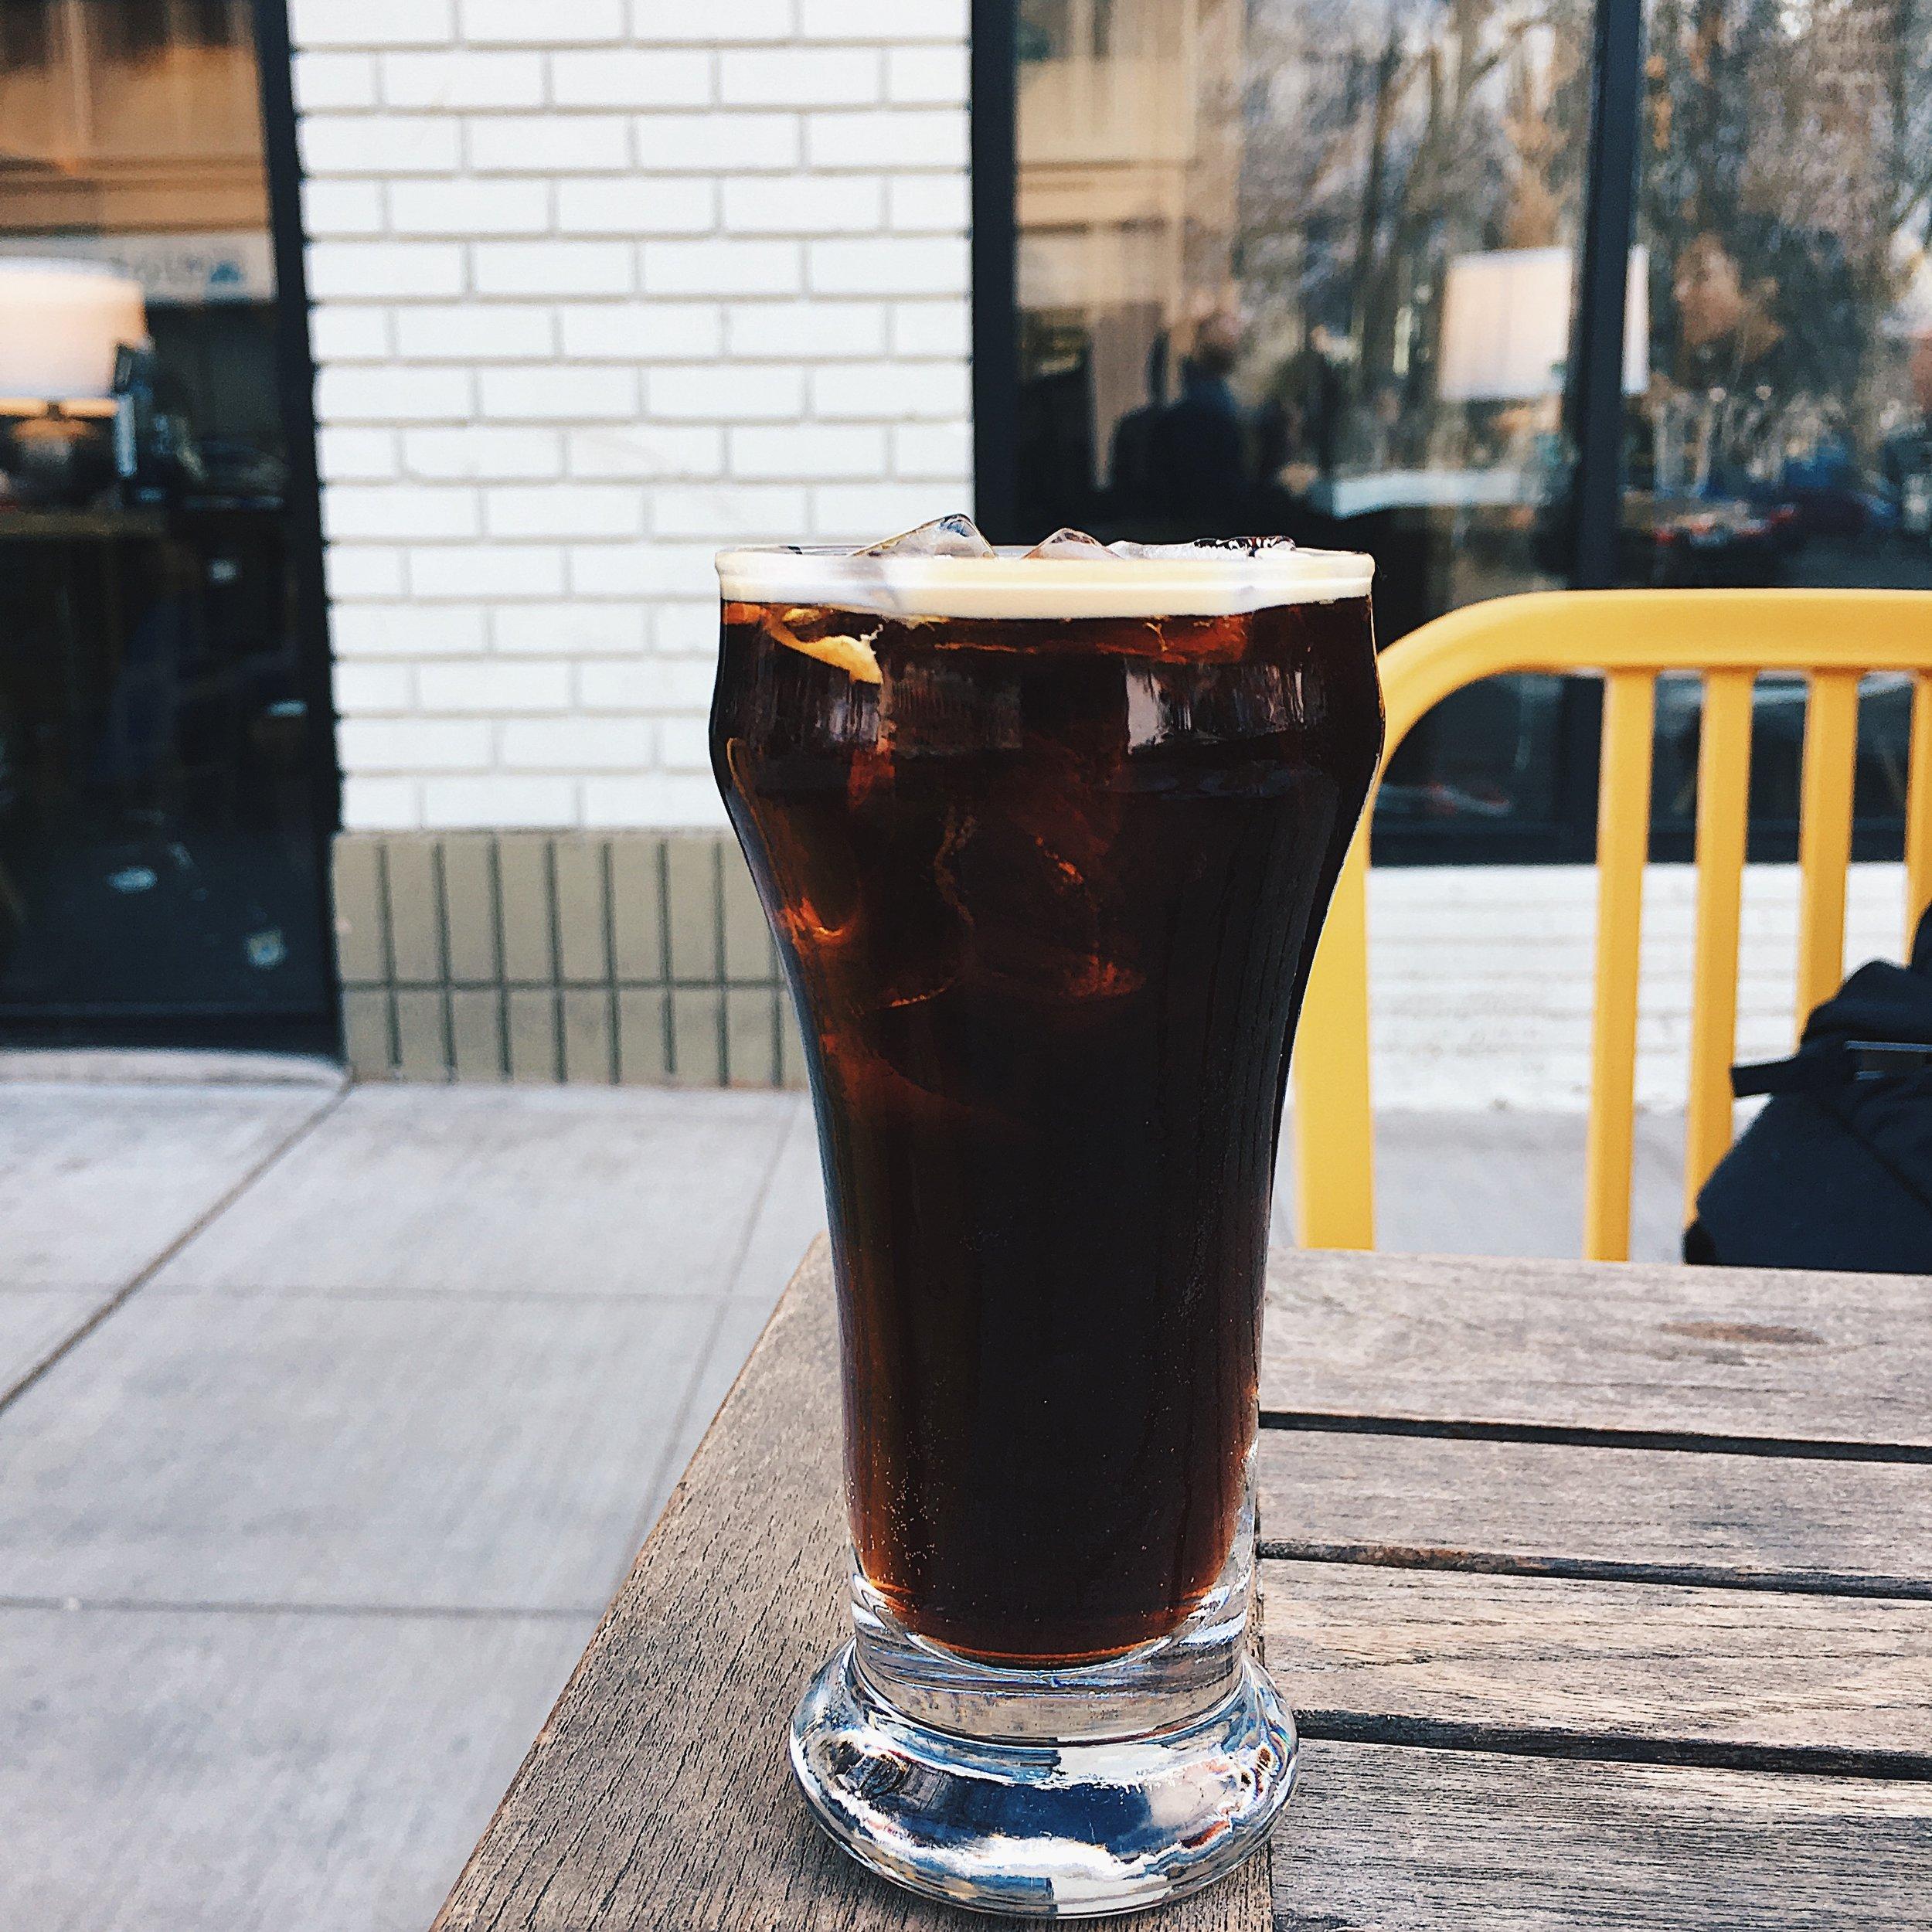 Nitro Cold Brew from Temple Coffee in Sacramento